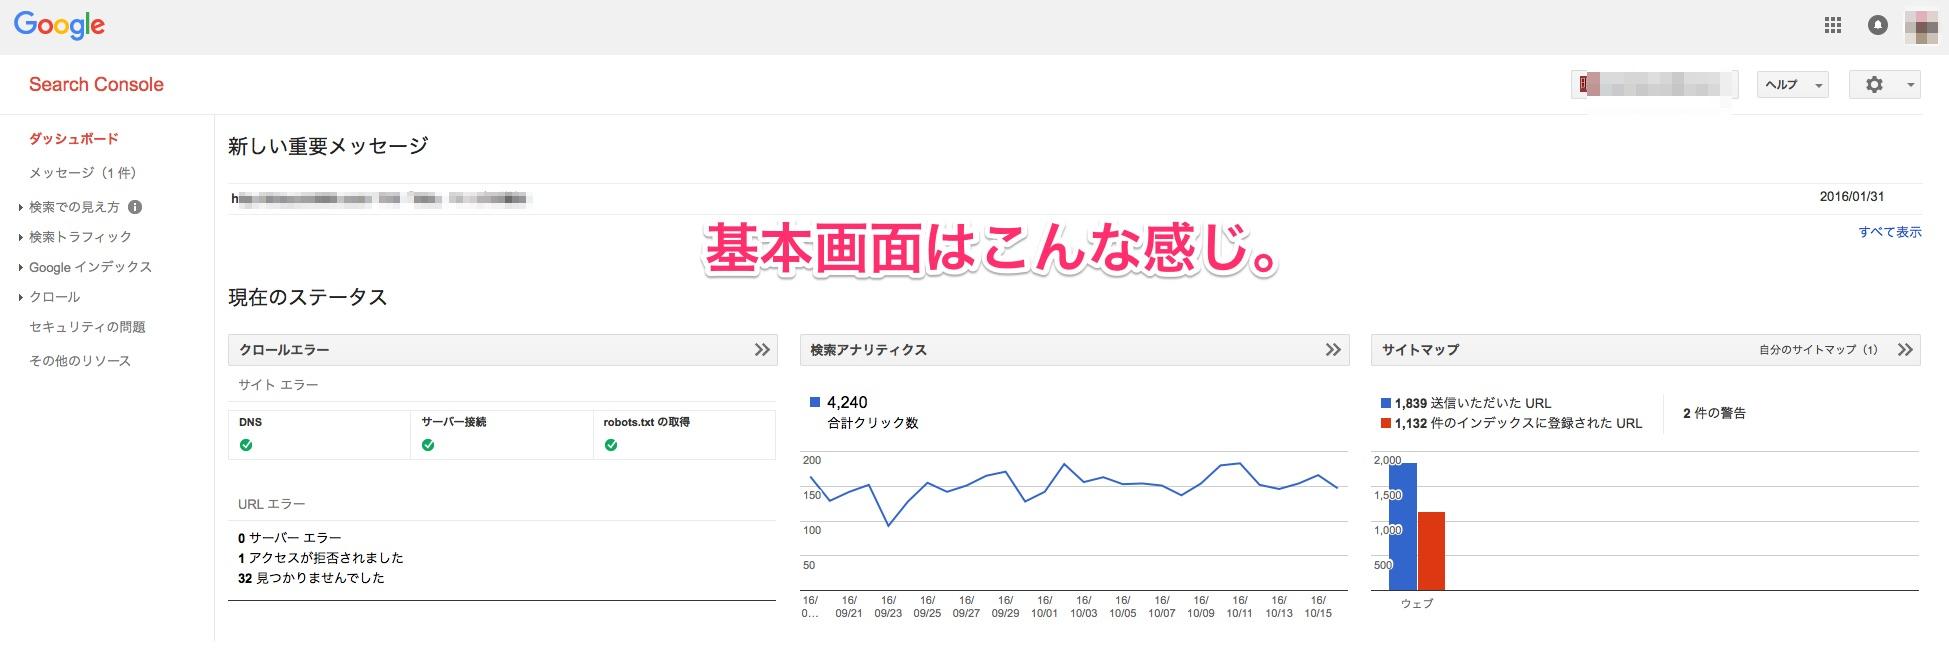 google_search_console11